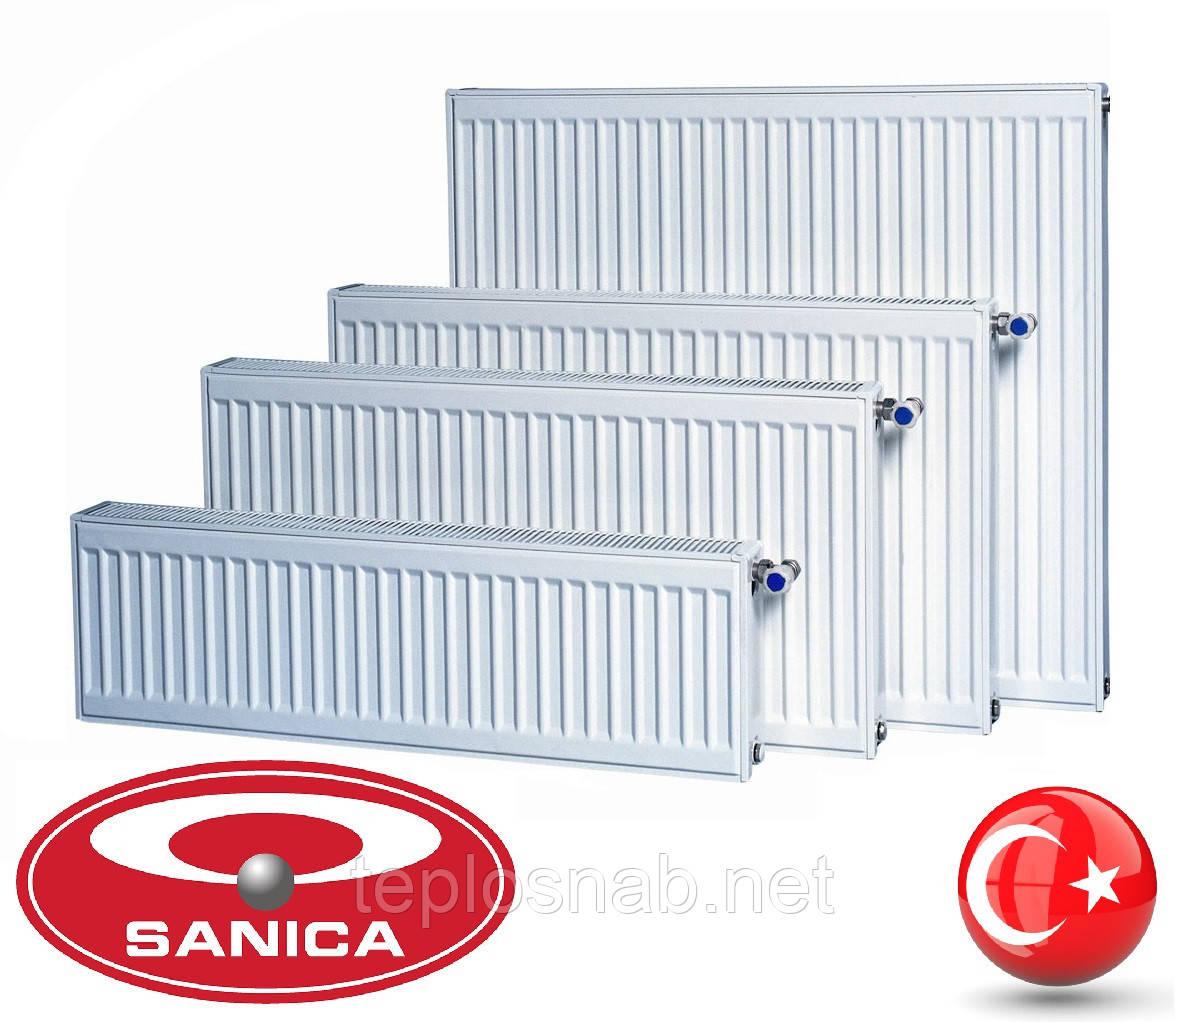 Стальной радиатор Sanica 22 тип (500 х 2400 мм) / 4630 Вт